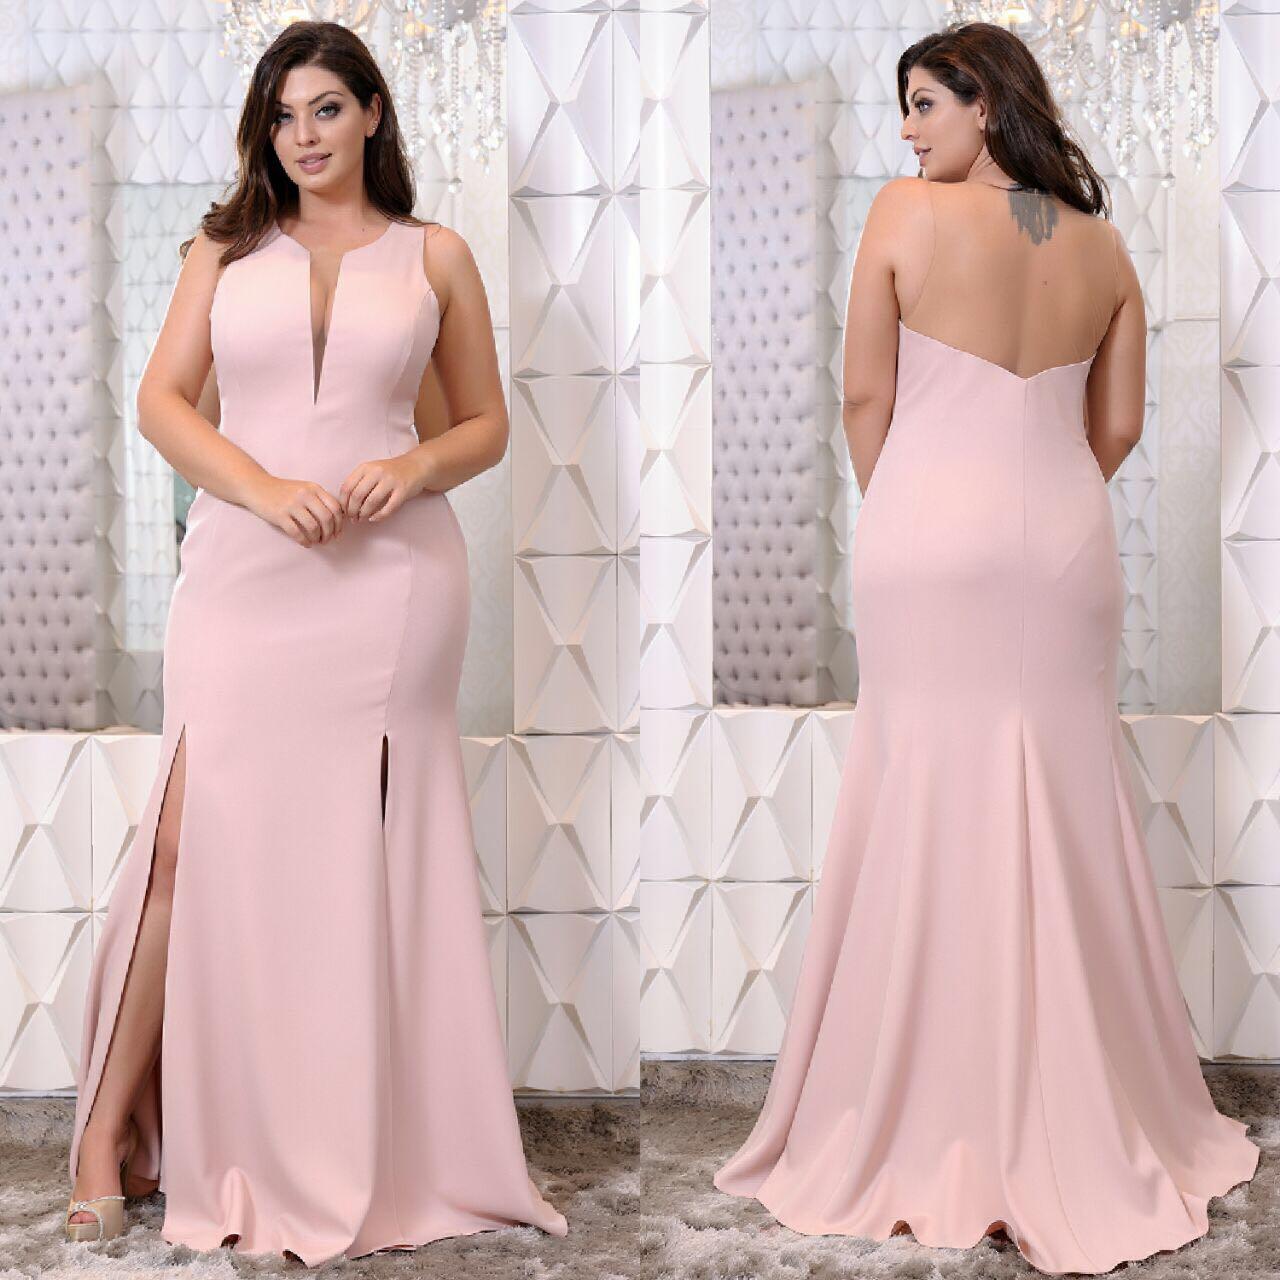 de547dd17 Vestido de festa minimalista nude/rosa Aluguel de Vestidos de Festa Longos  no RJ, Aluguel de Vestidos de Festa Plus Size no RJ